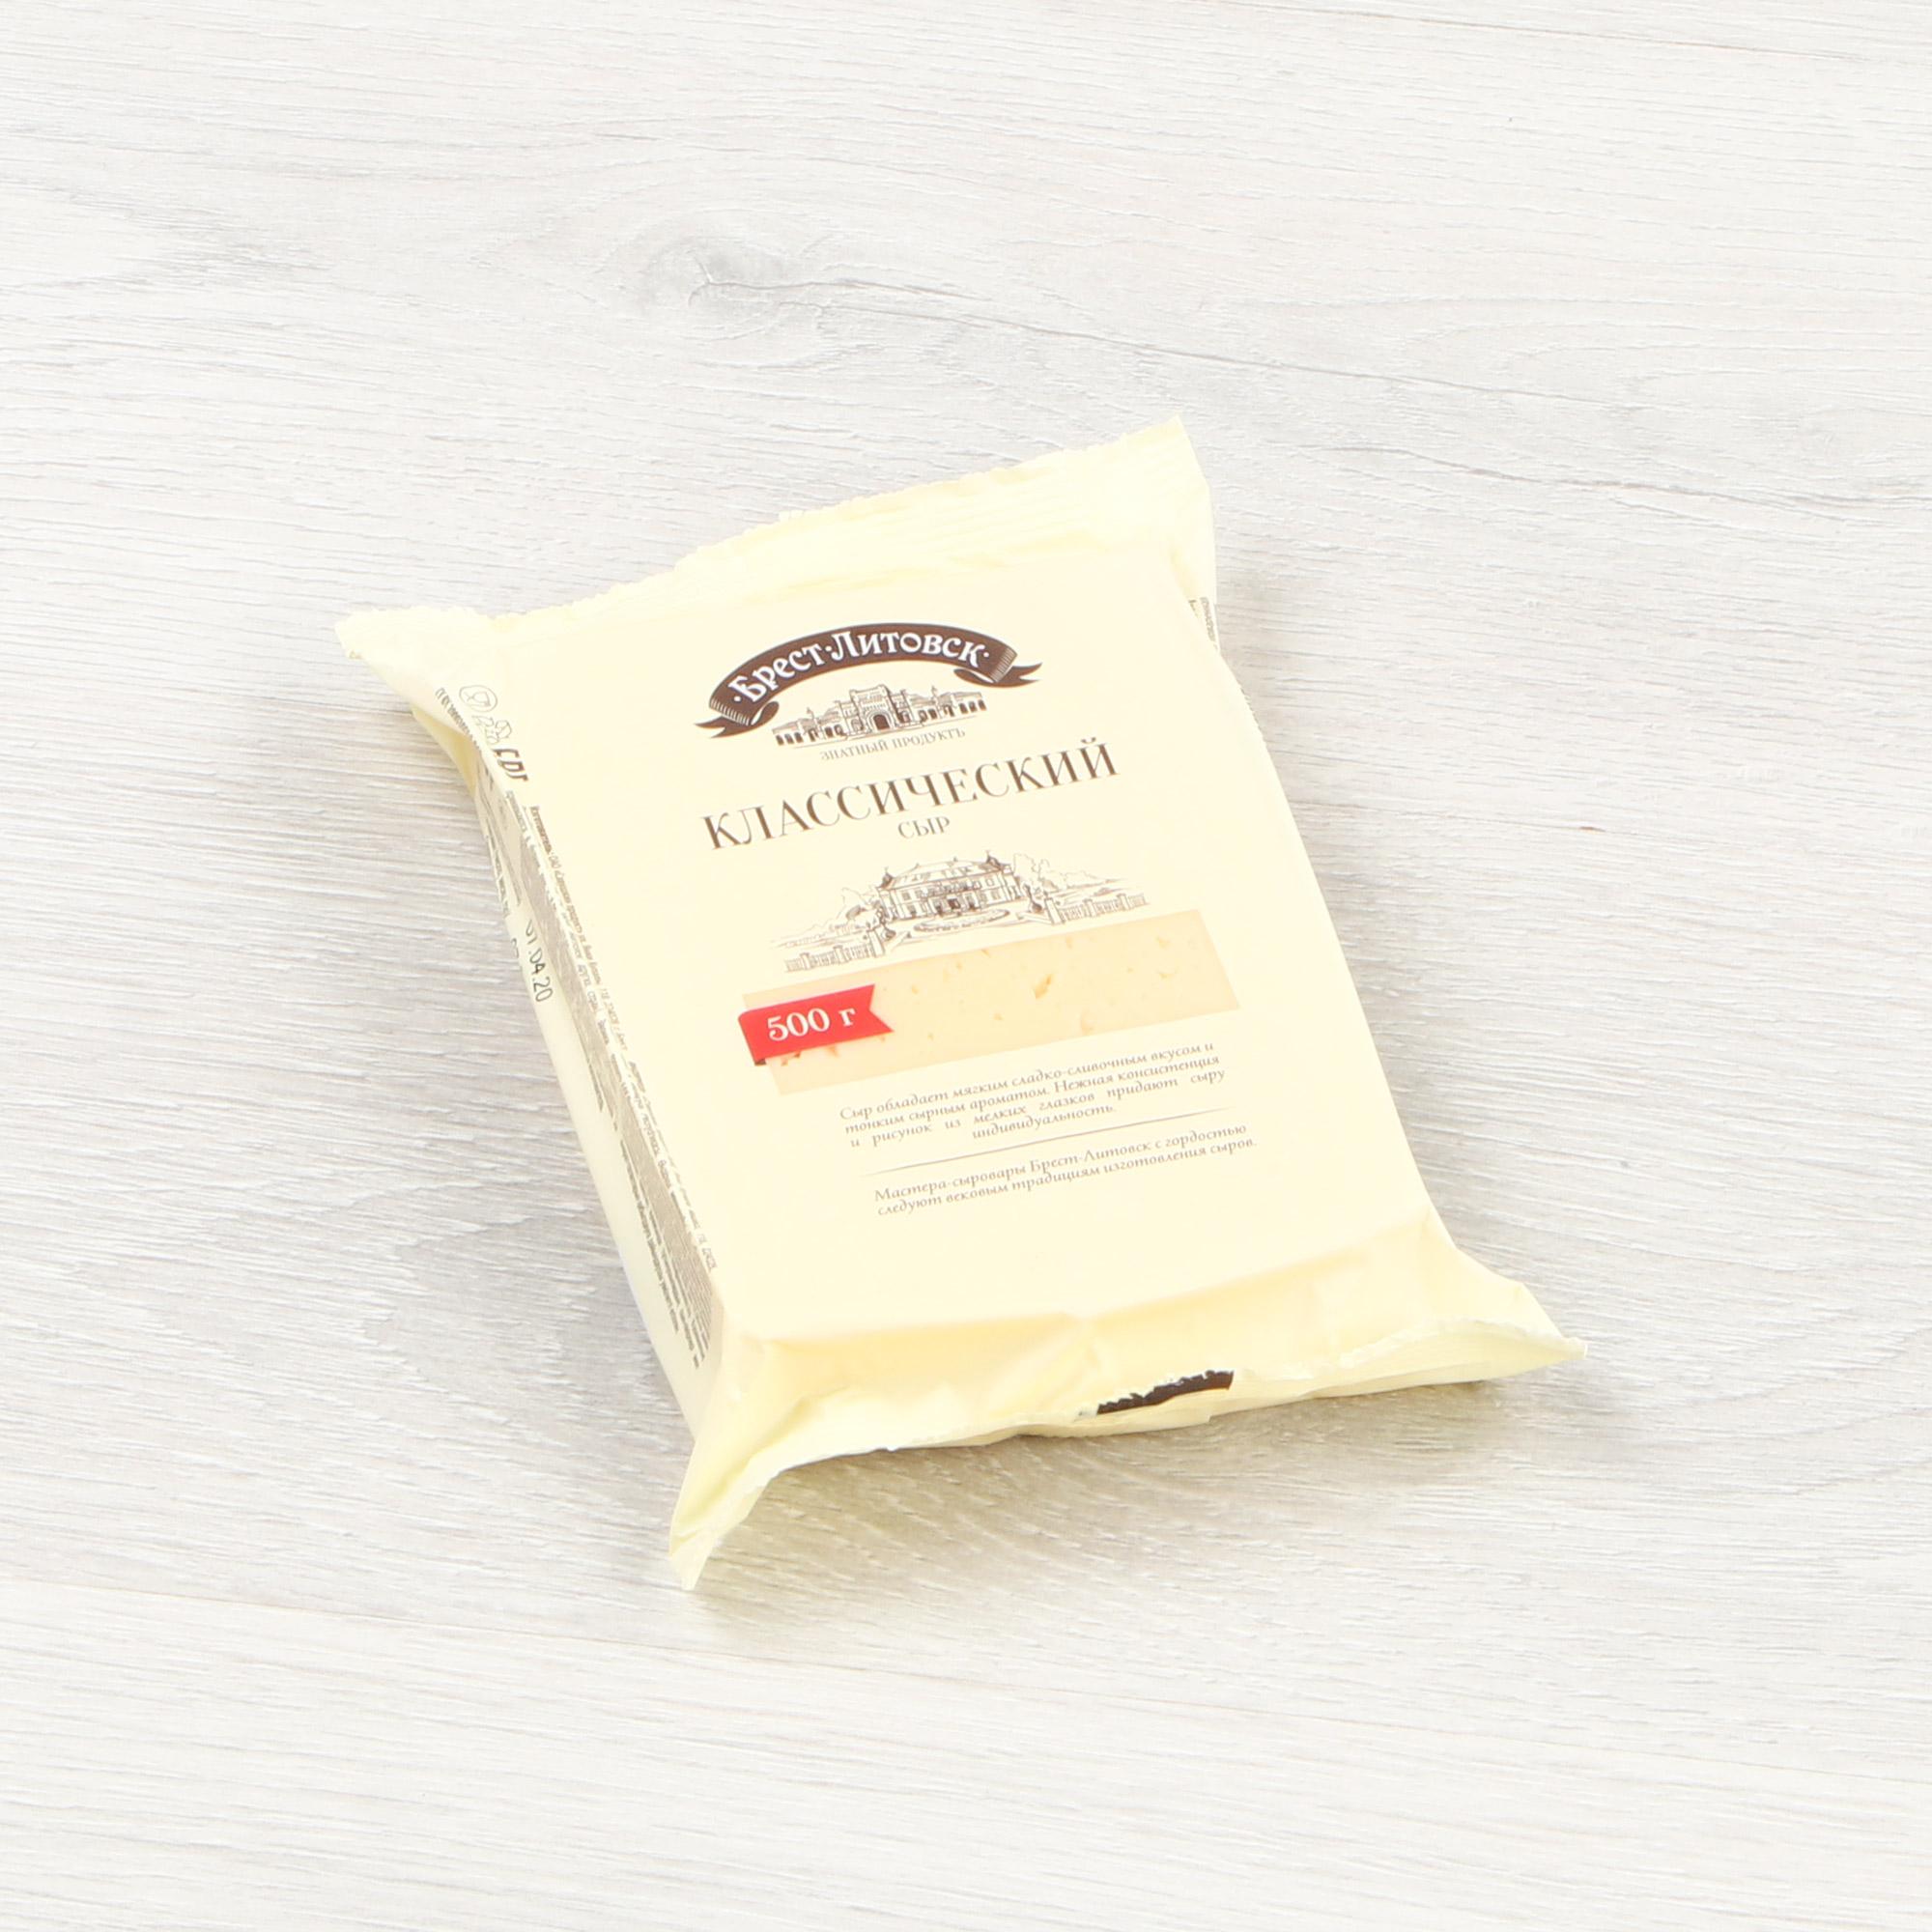 Сыр Брест-Литовск Классический 45% 500 г недорого